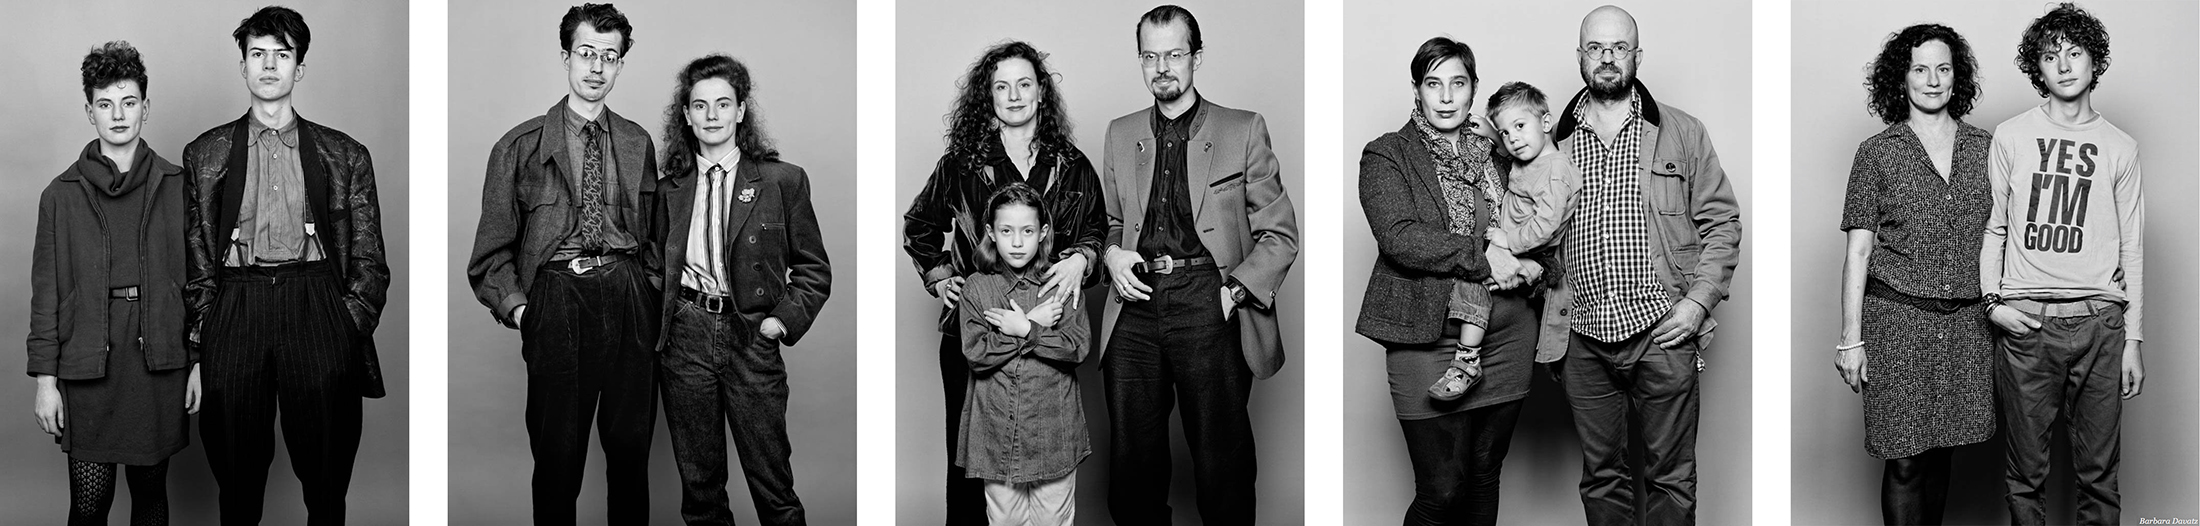 Время не лечит: как меняются люди за 30 лет